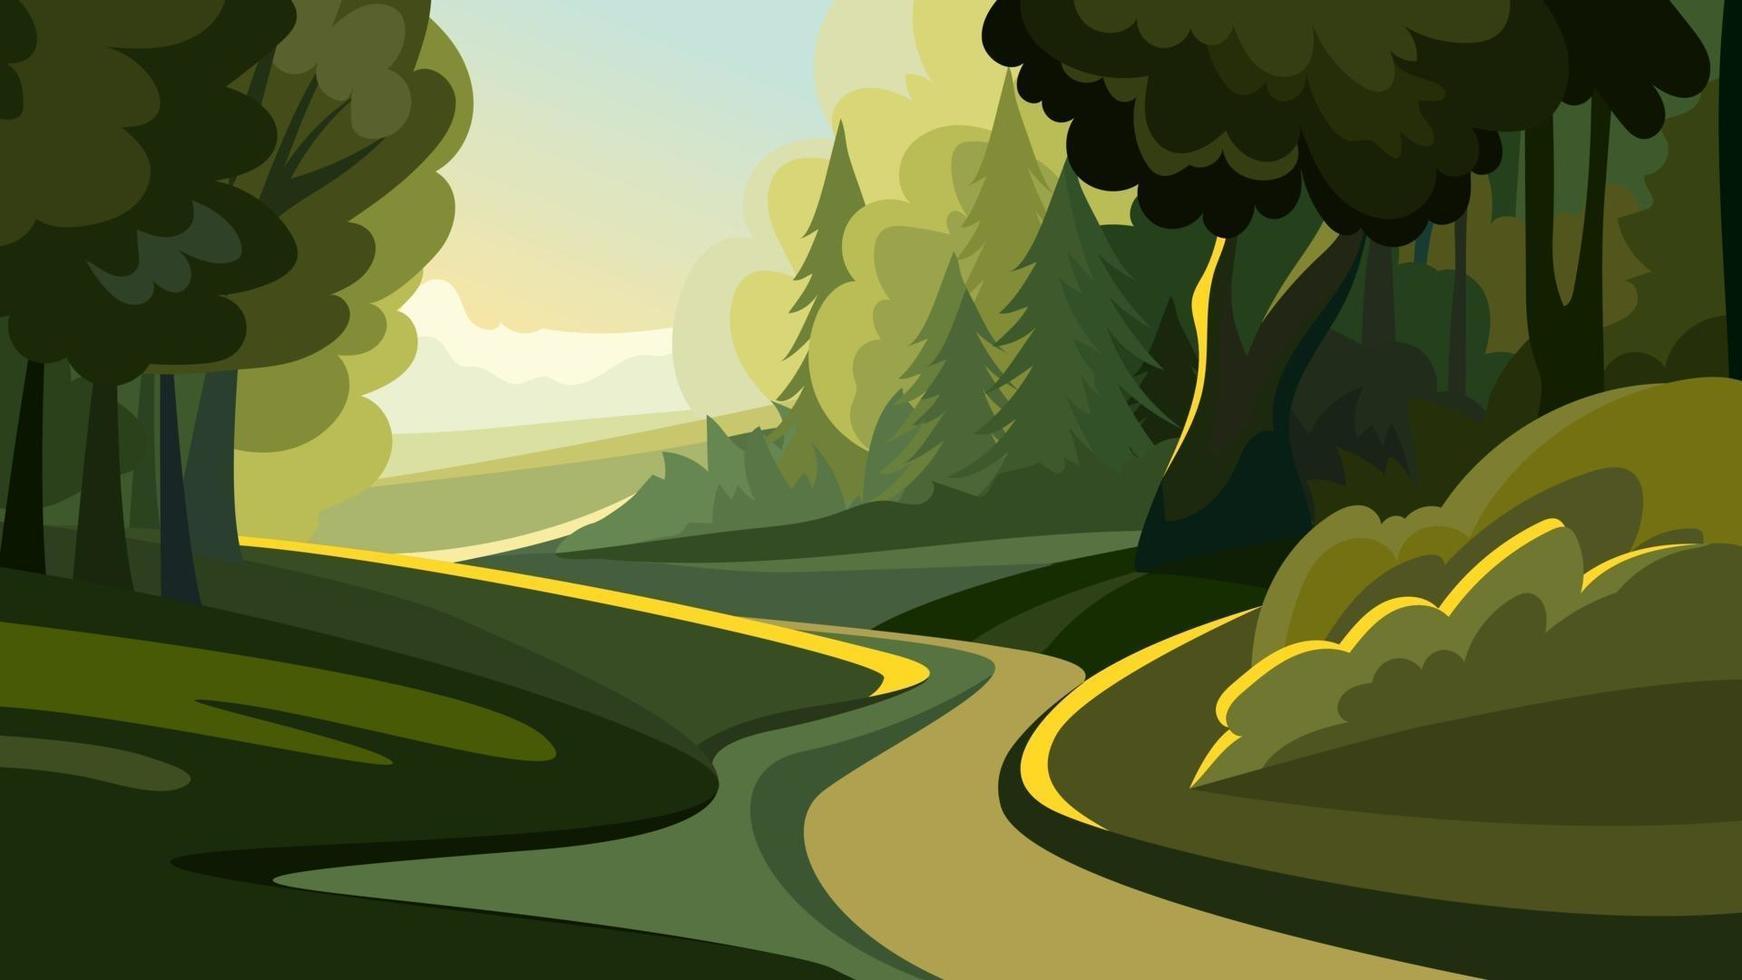 väg i skogen i gryningen vektor